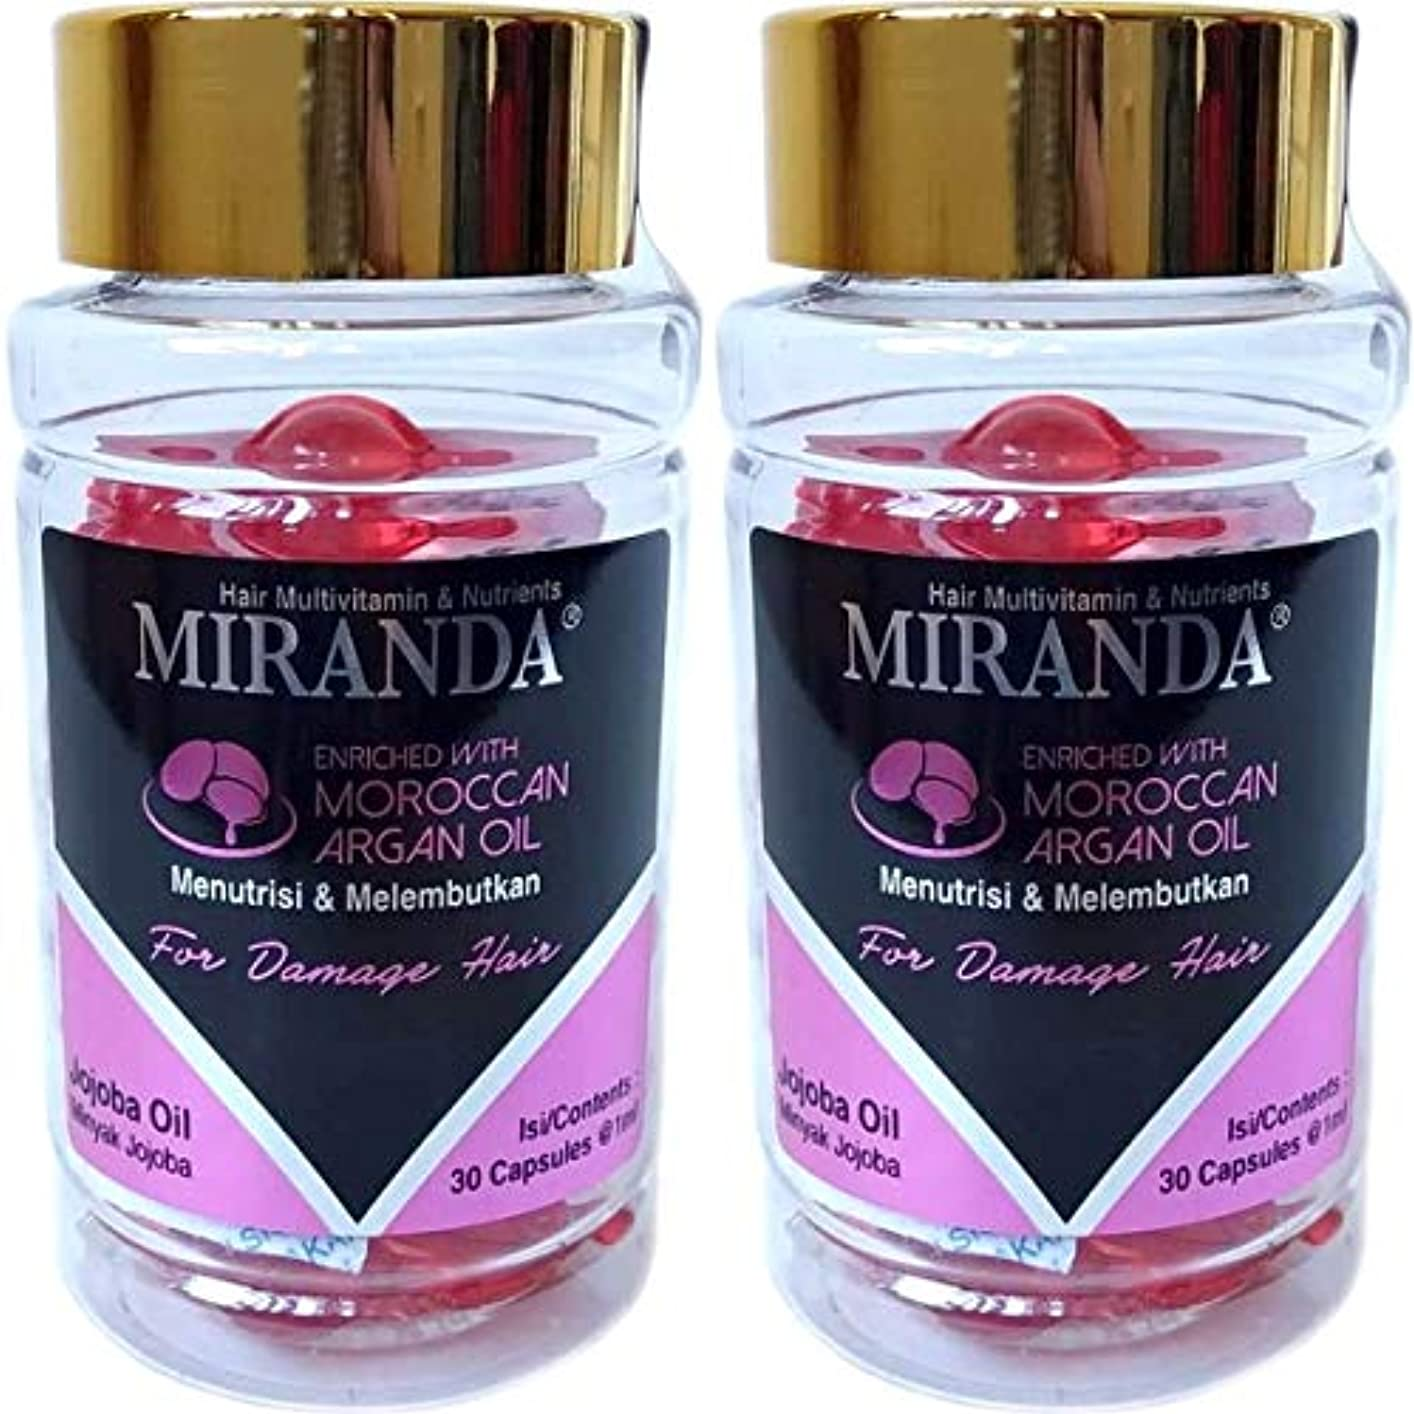 リッチからかうジュラシックパークMIRANDA ミランダ Hair Multivitamin&Nutrients ヘアマルチビタミン ニュートリエンツ 洗い流さないヘアトリートメント 30粒入ボトル×2個セット Jojoba oil ホホバオイル [海外直送品]